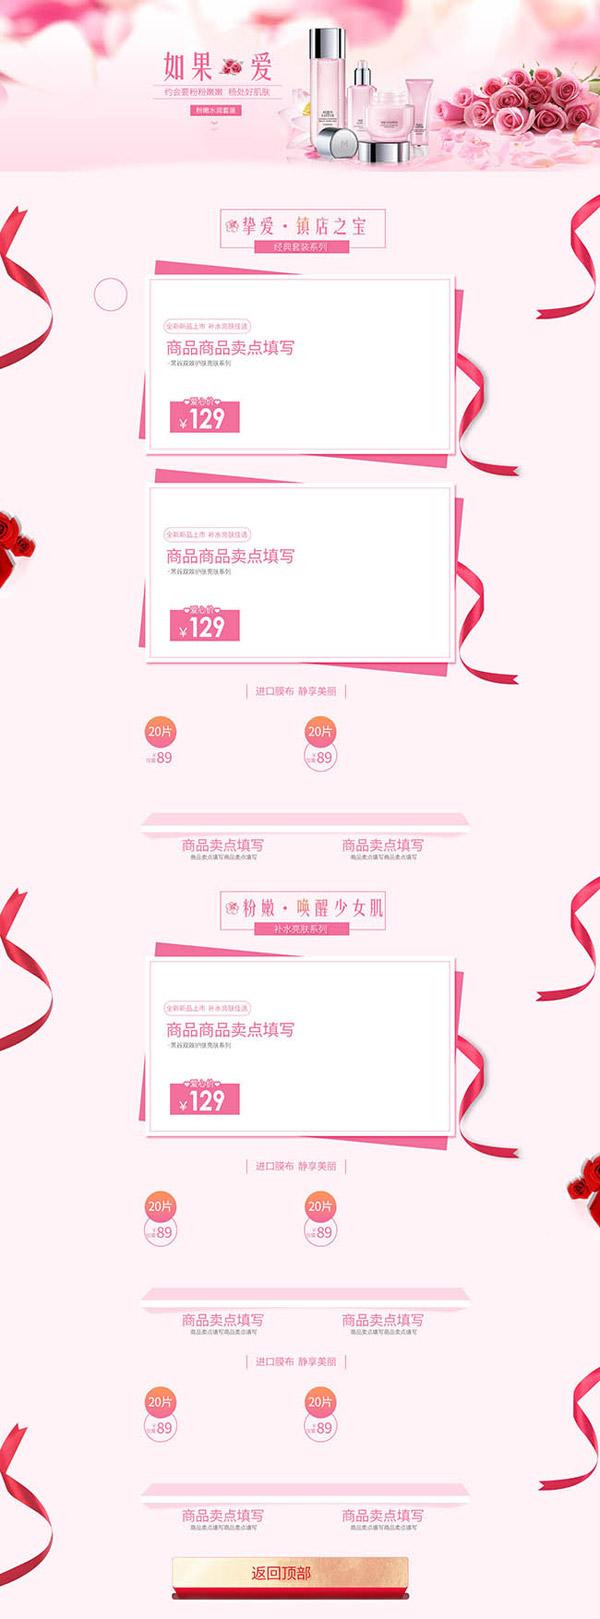 关键词: 粉色淘宝化妆品店铺首页装修模板psd素材,淘宝化妆品店铺装修